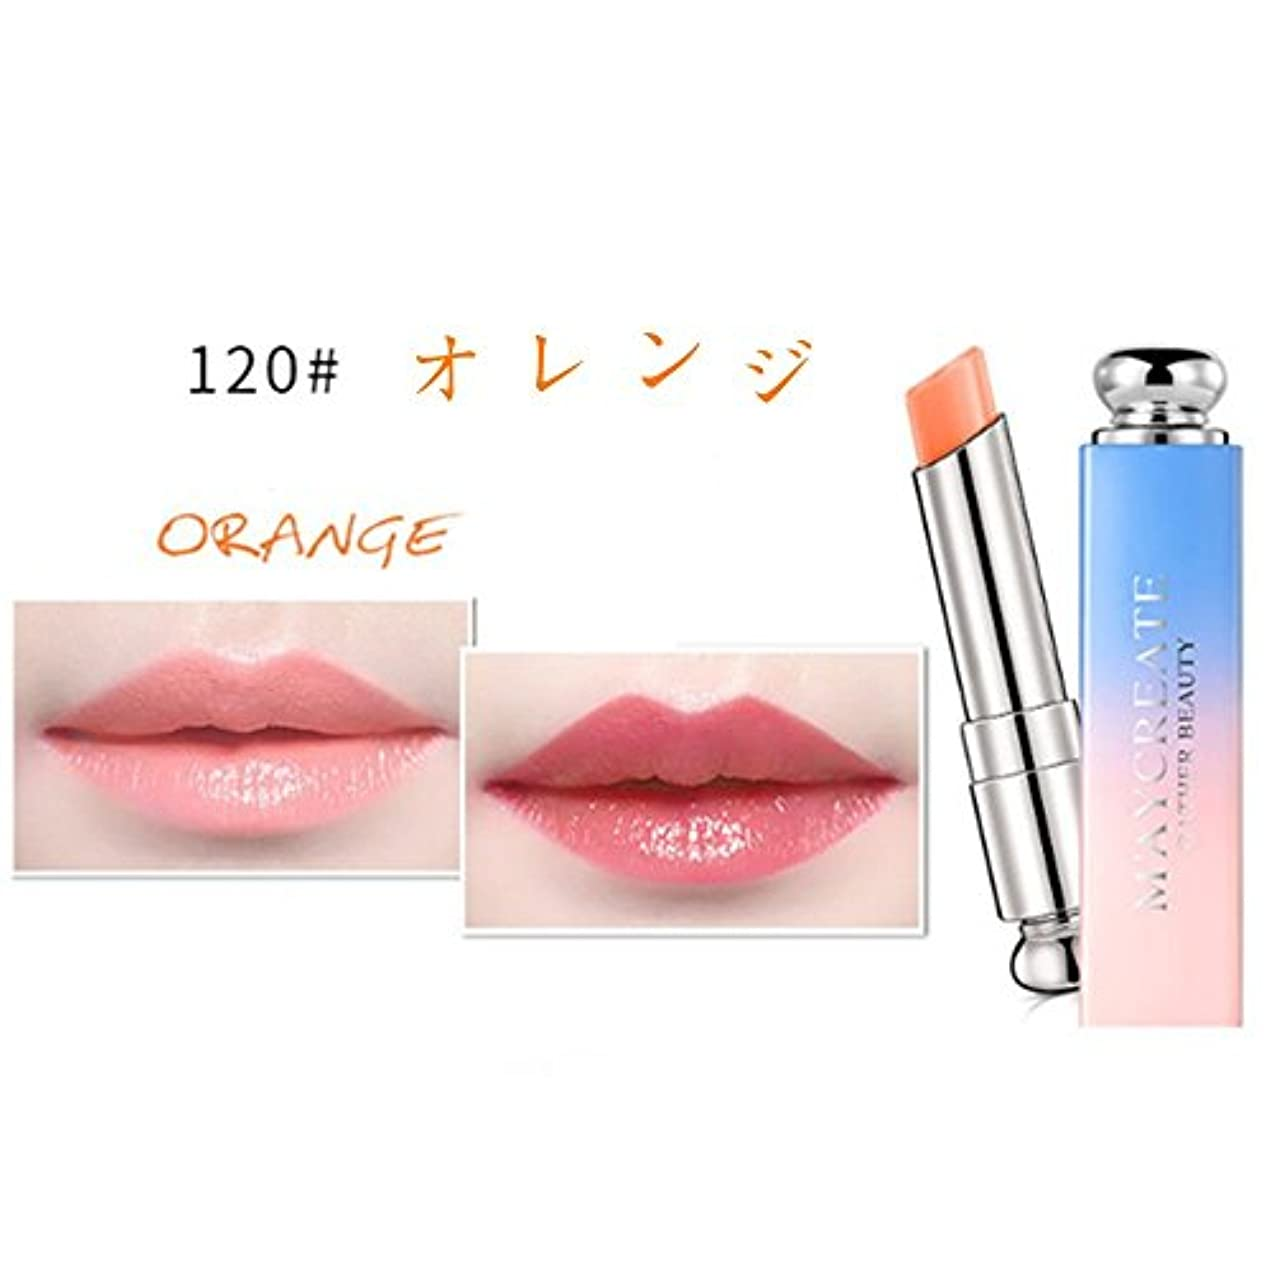 植生息苦しいアソシエイトリップスティック うるおい 口紅 唇の温度で色が変化するリップ 優れる発色力 保湿 長持ち 3.8g (120#)